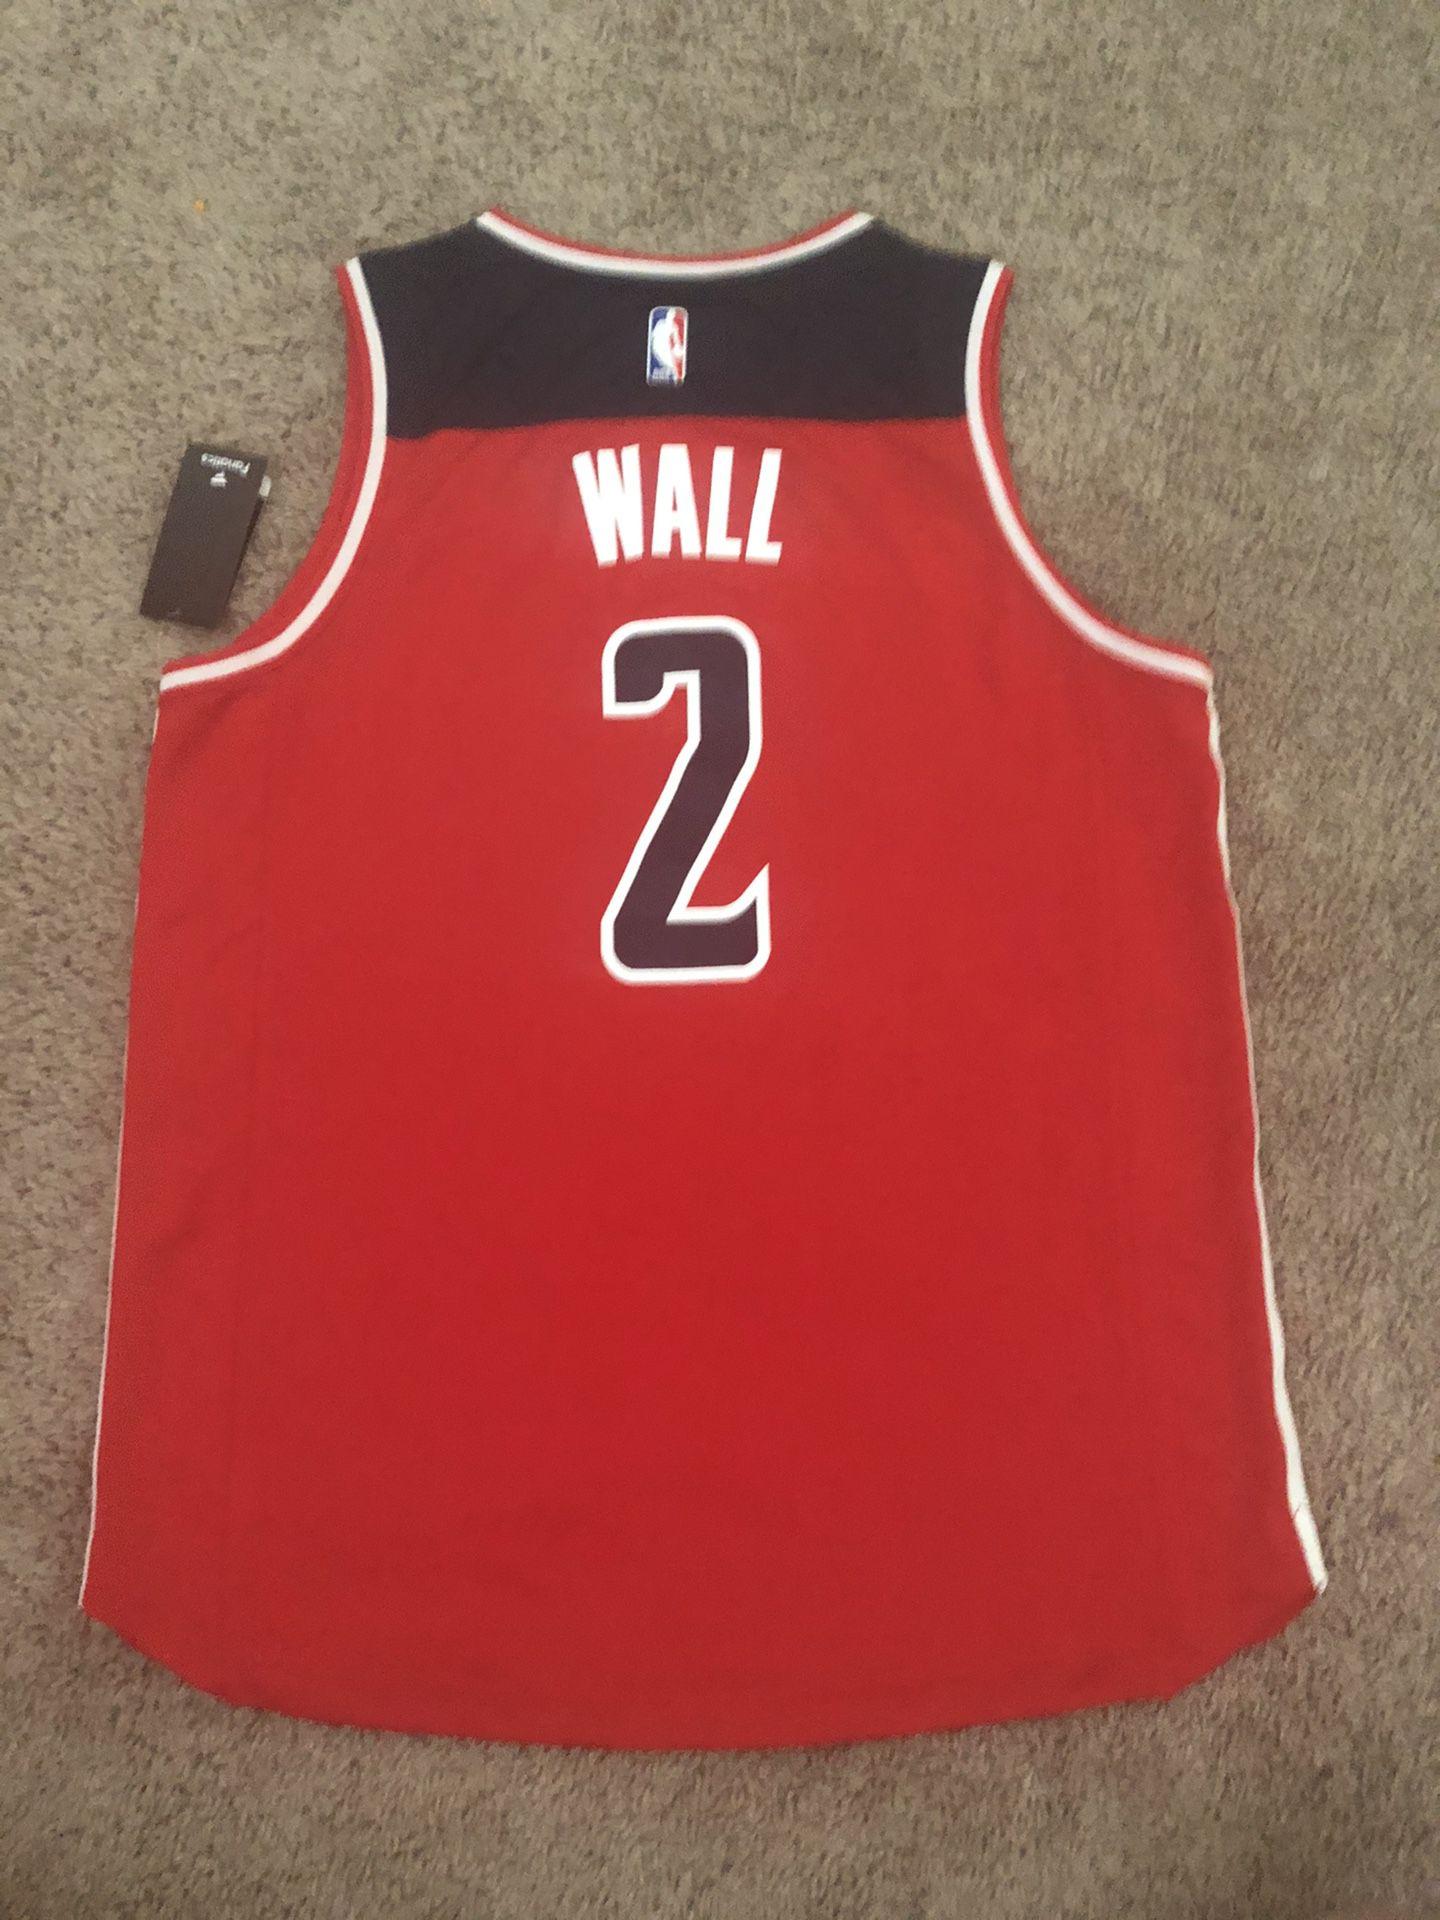 WA WIZARDS #2 WALL JERSEY